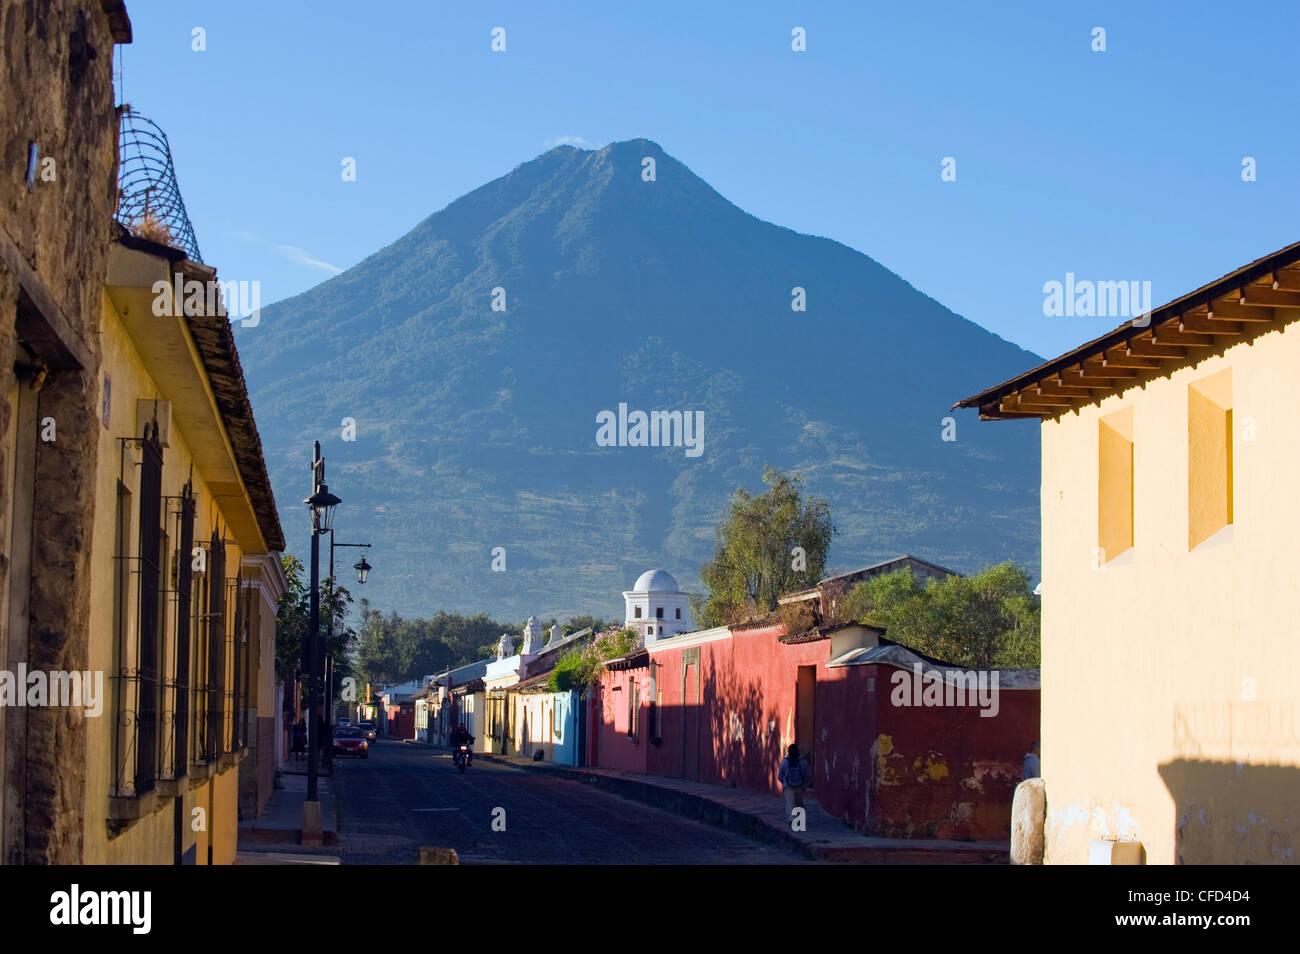 Volcan de Agua, 3765m, Antigua, Guatemala, Central America - Stock Image